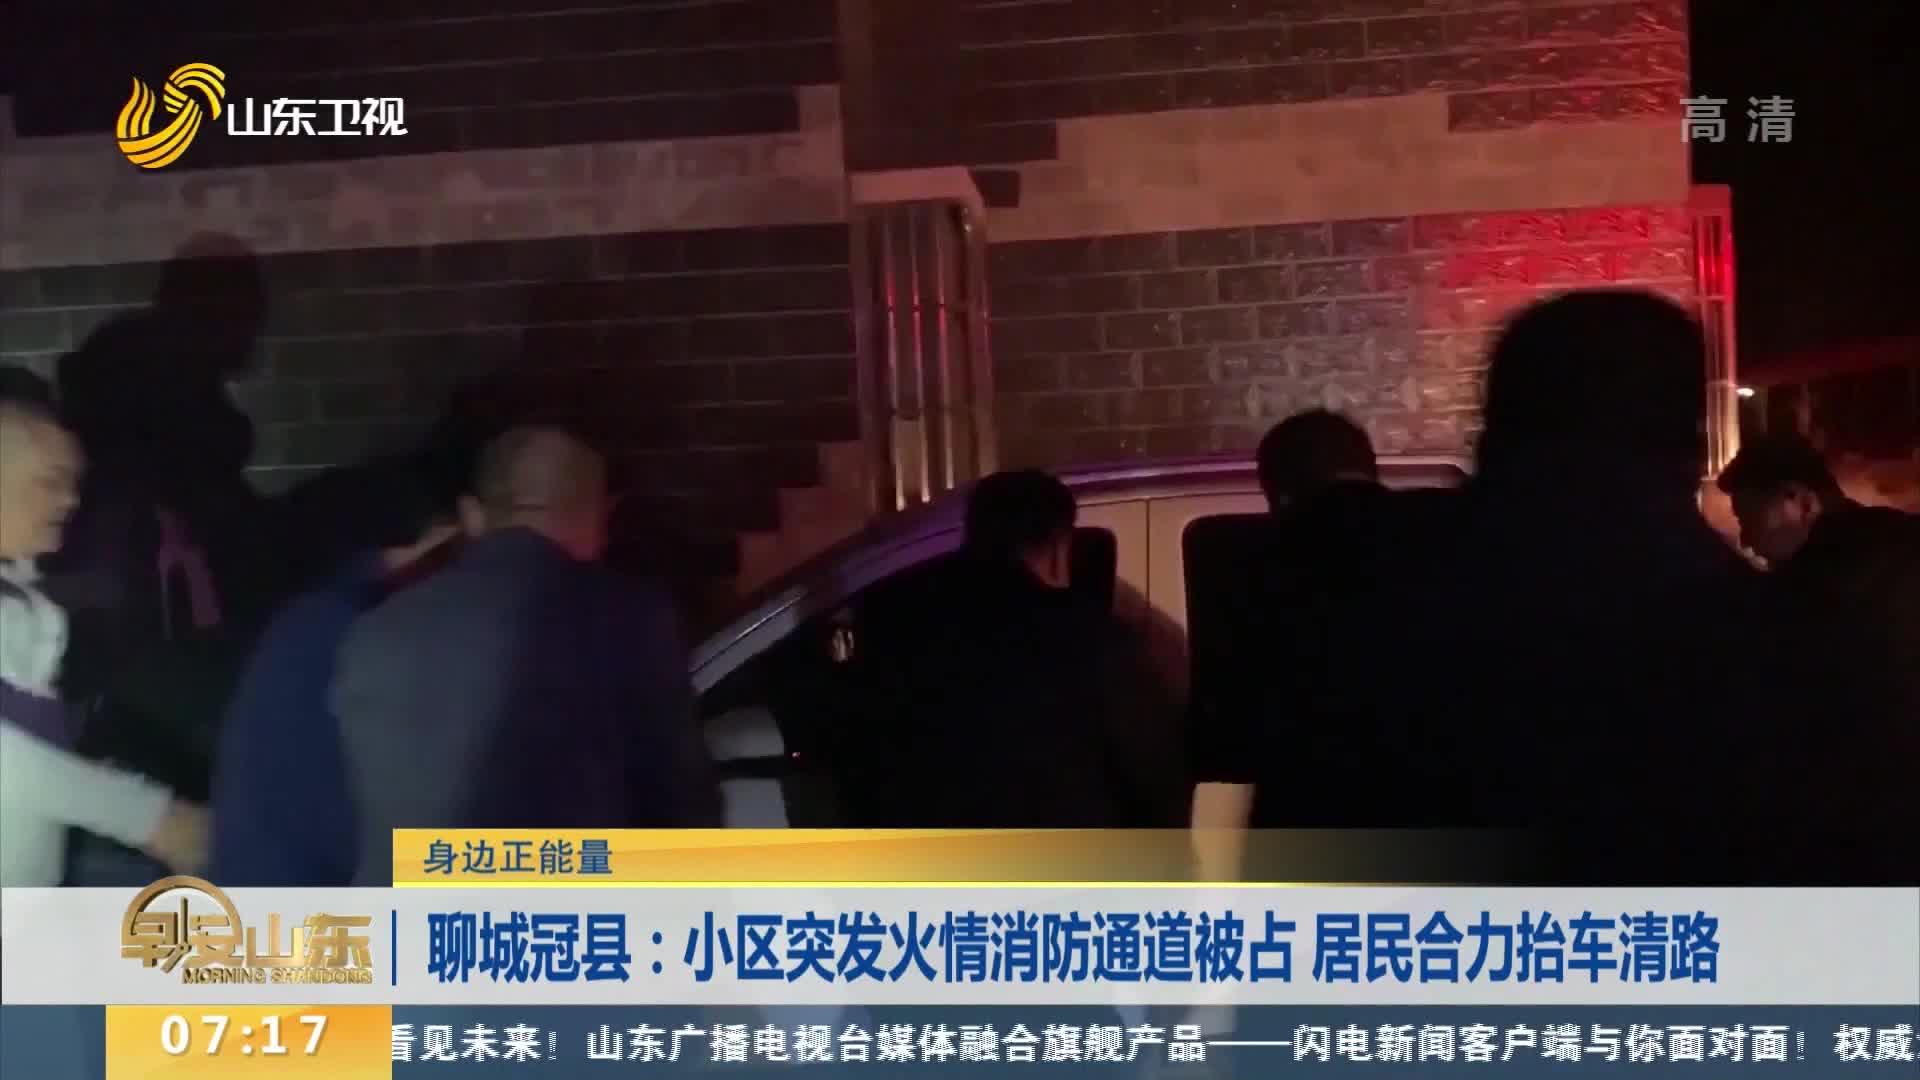 聊城冠县:小区突发火情消防通道被占 居民合力抬车清路